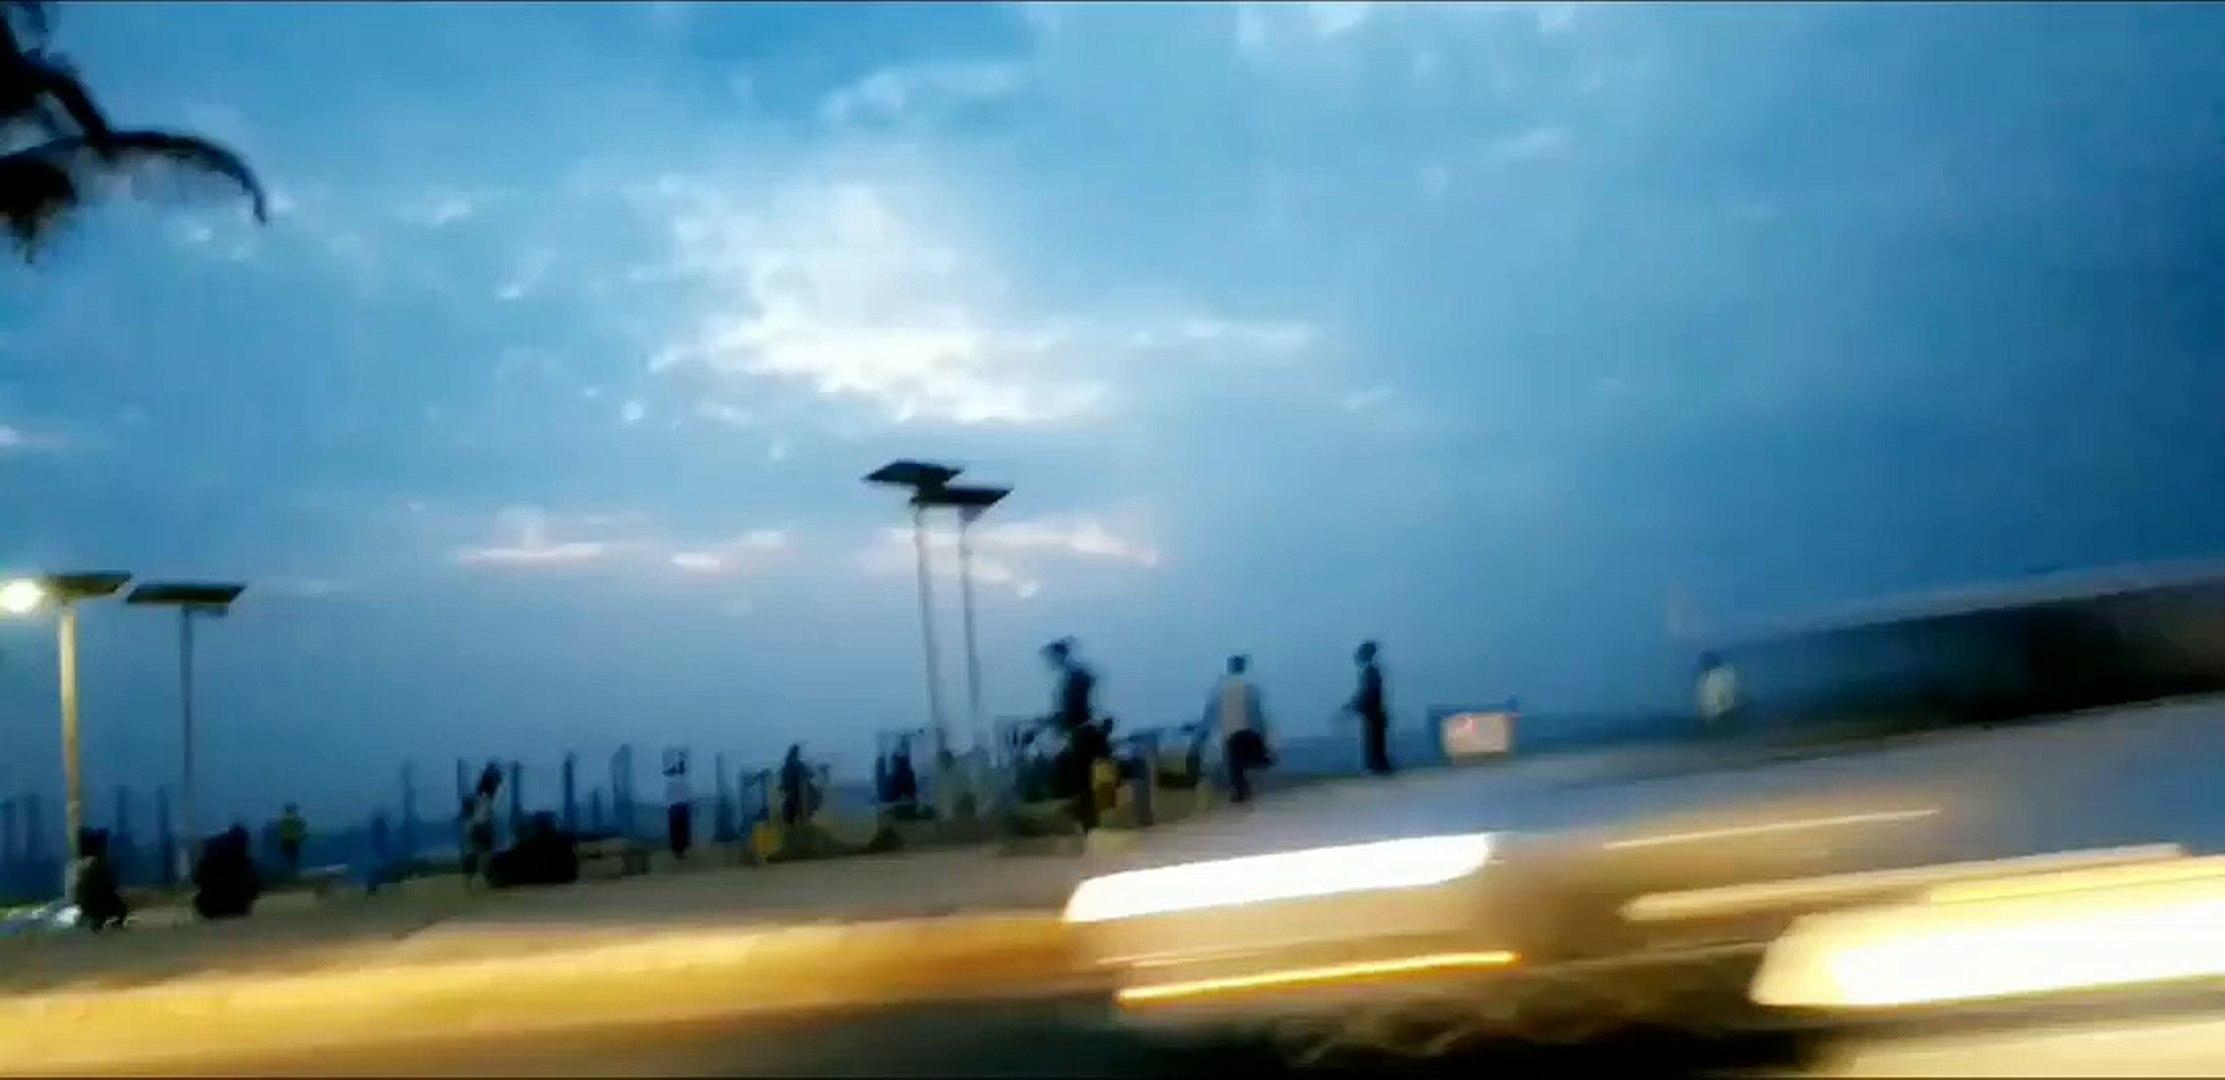 Corniche de Dakar : Le nom du prophète Mouhamed apparait dans le ciel (Vidéo) Le spectacle était tout simplement magnifique. Ce genre